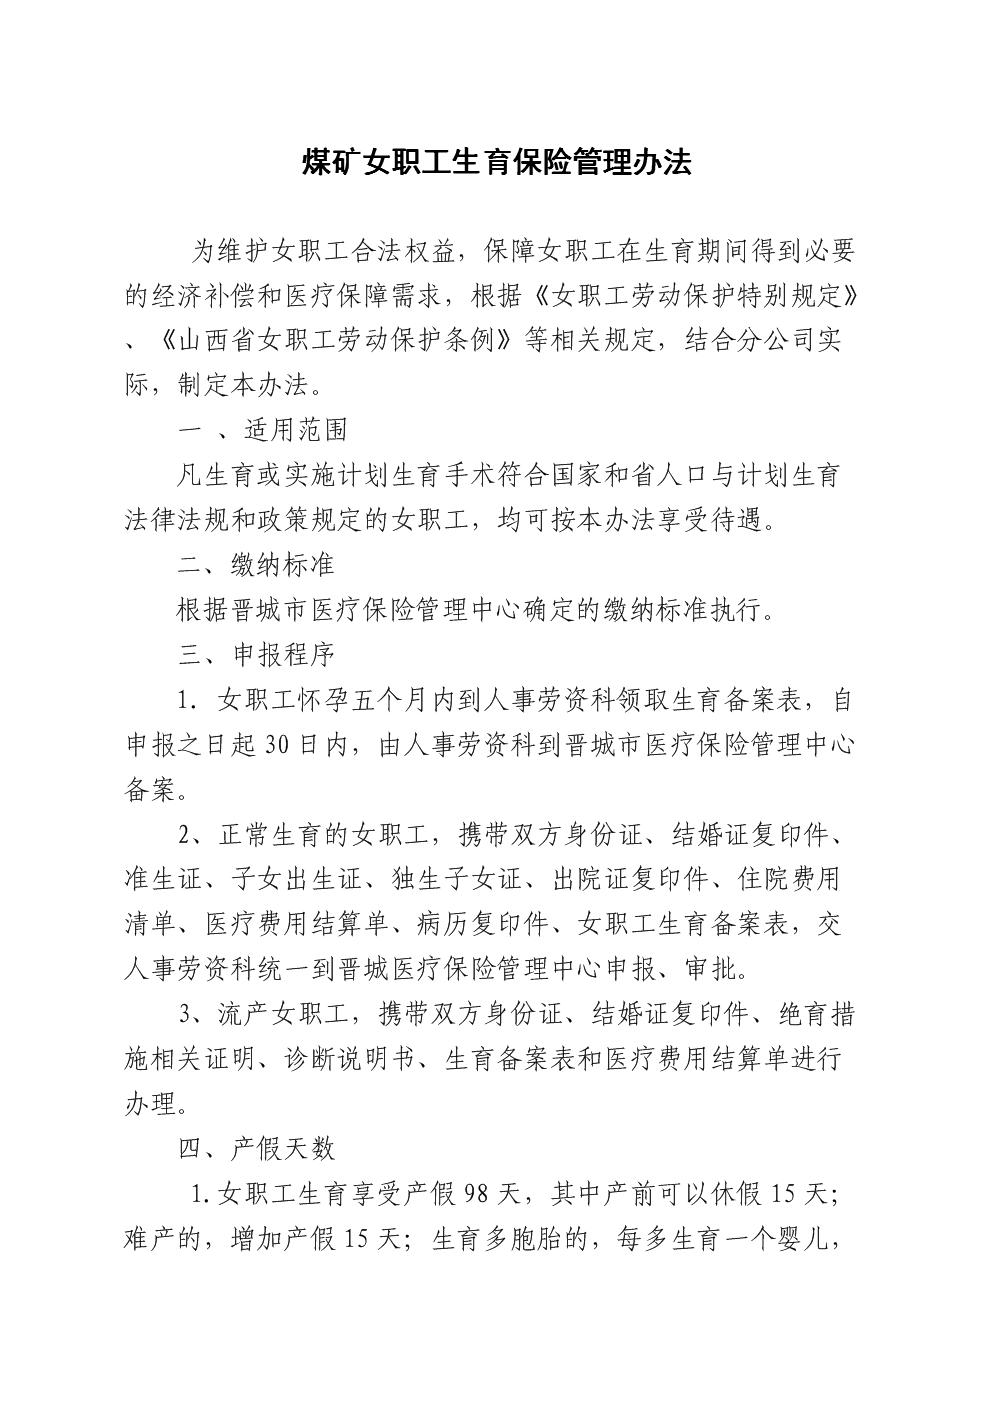 煤矿女职工生育保险管理规定.doc